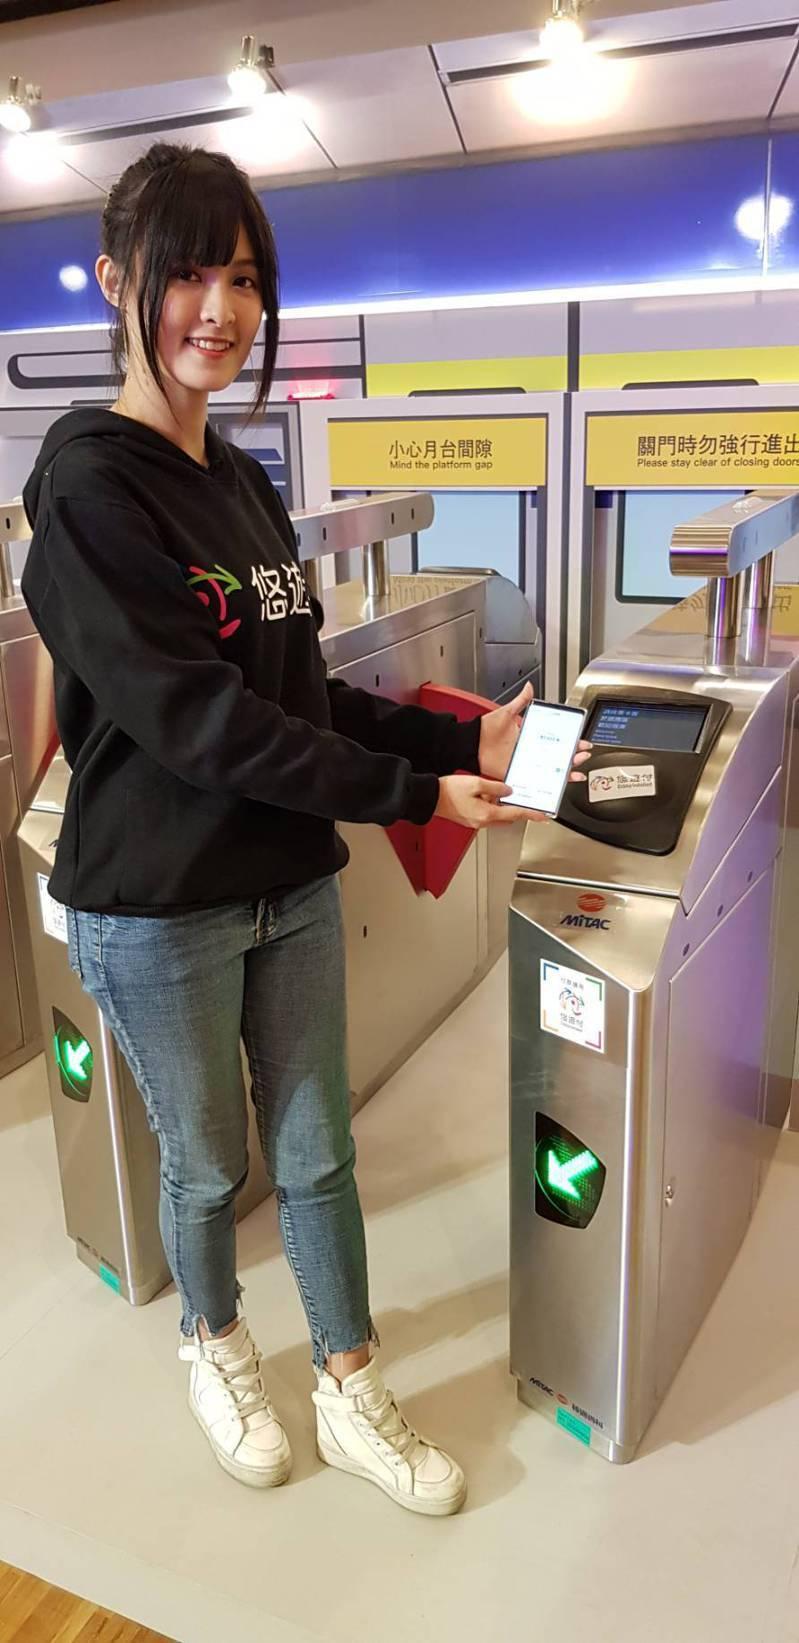 悠遊卡公司今日宣布,電子支付業務「悠遊付」自3月23日起全面開放註冊,未來在悠遊卡、悠遊付「一卡一付」的整合下,悠遊卡公司提供最全面的行動支付解決方案。 圖/悠遊卡公司提供